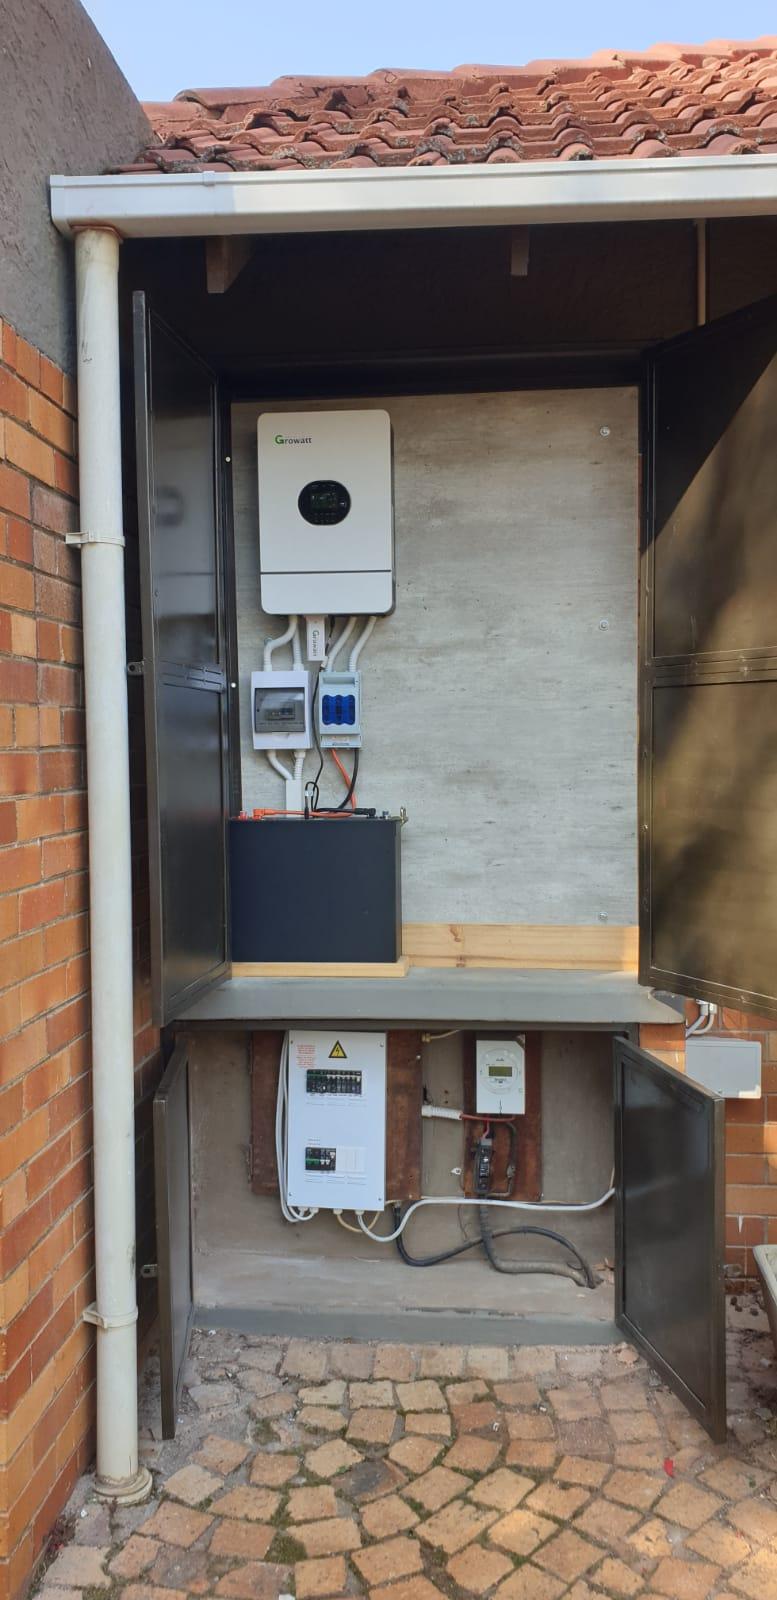 our-installation-3-UPS-system-5-kw-Growatt-Inverter-solar-production